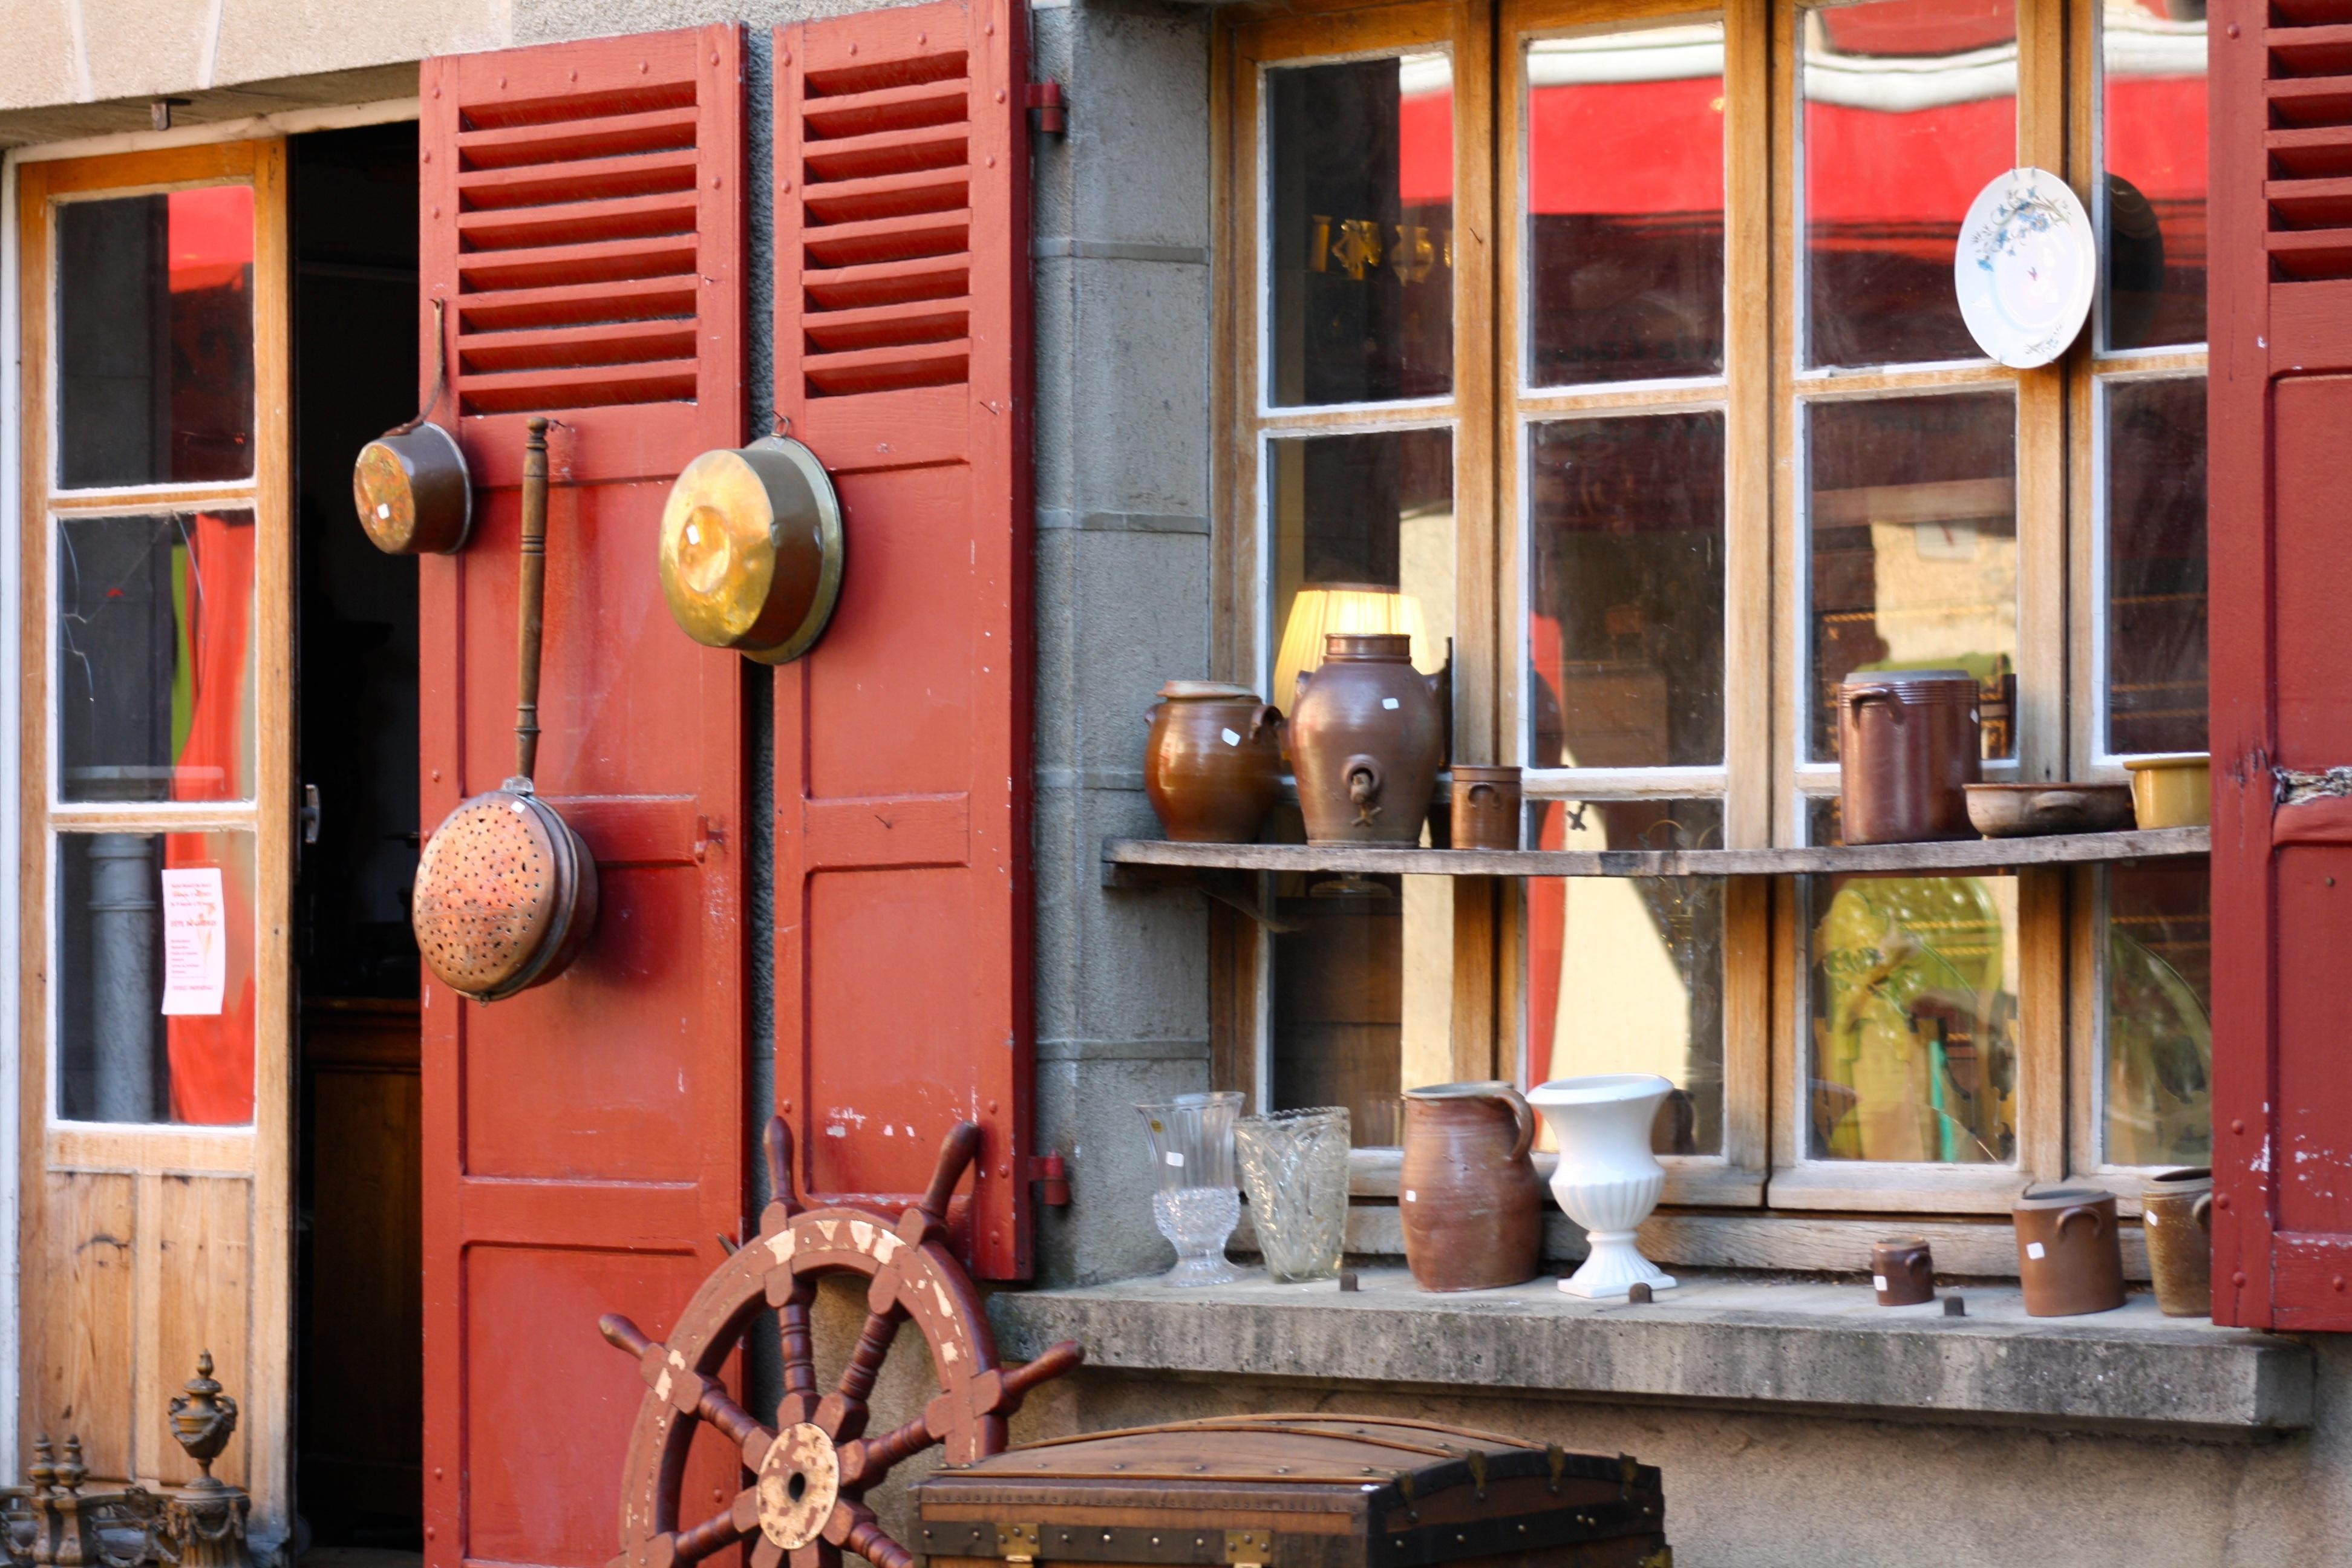 Fotos Gratis Madera Casa Mueble Dise O De Interiores  # Muebles Viejos Gratis